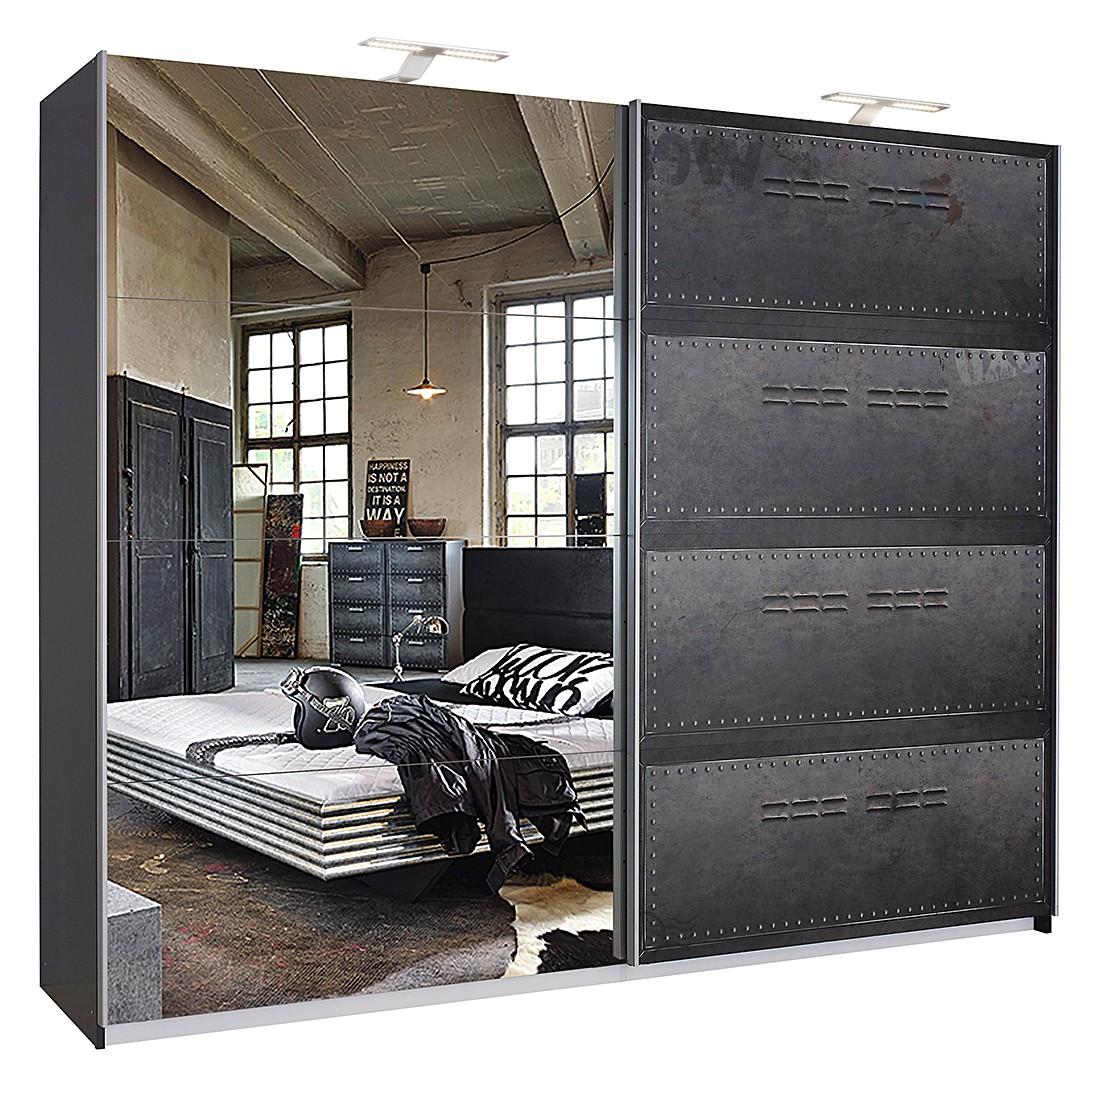 goedkoop Draaideurkast Workbase industrial print look grafietkleurig Met verlichting 225cm 2 deurs Rauch Select